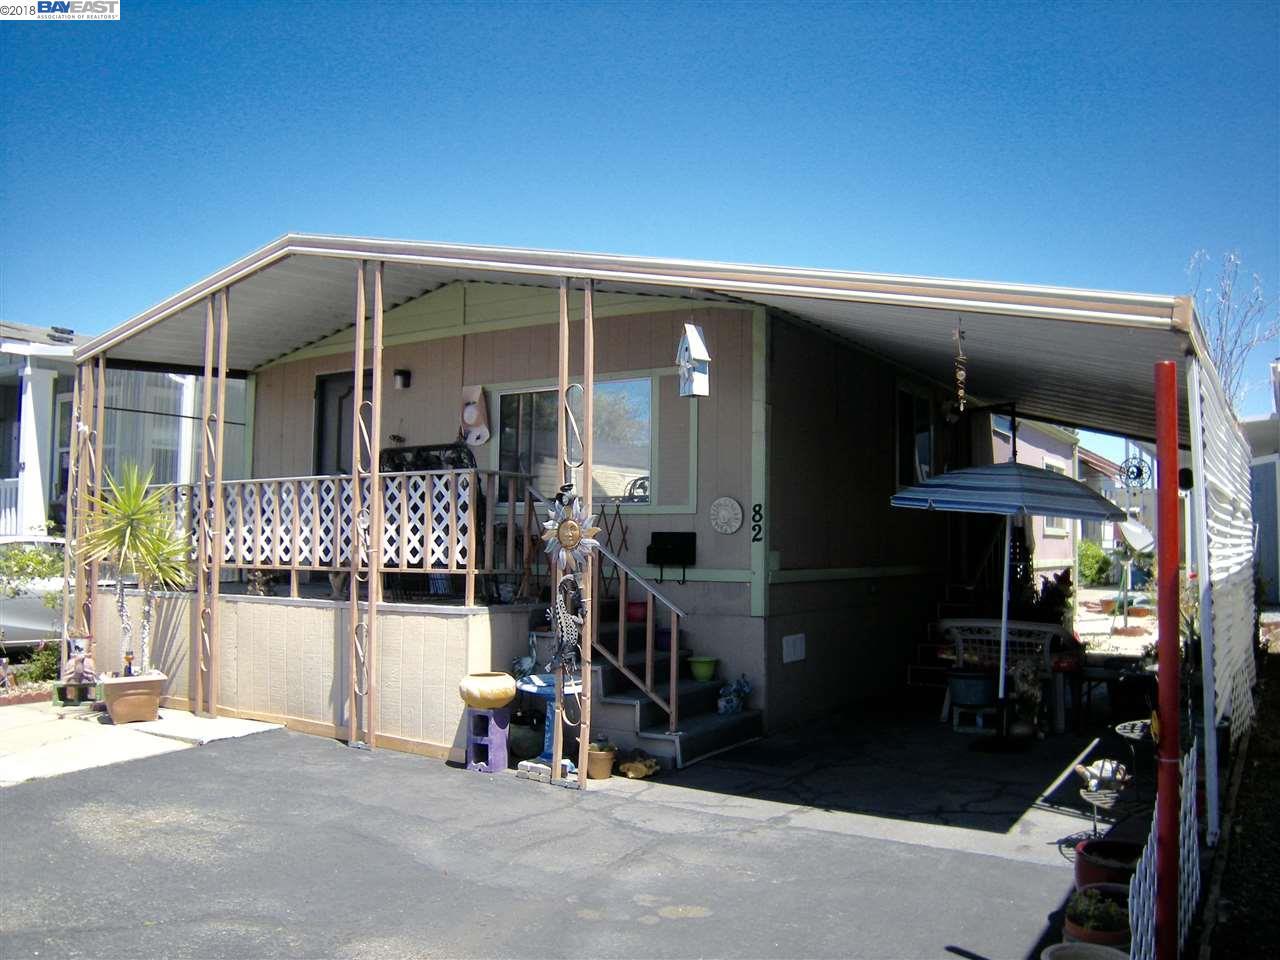 1200 W WINTON #82, HAYWARD, CA 94545